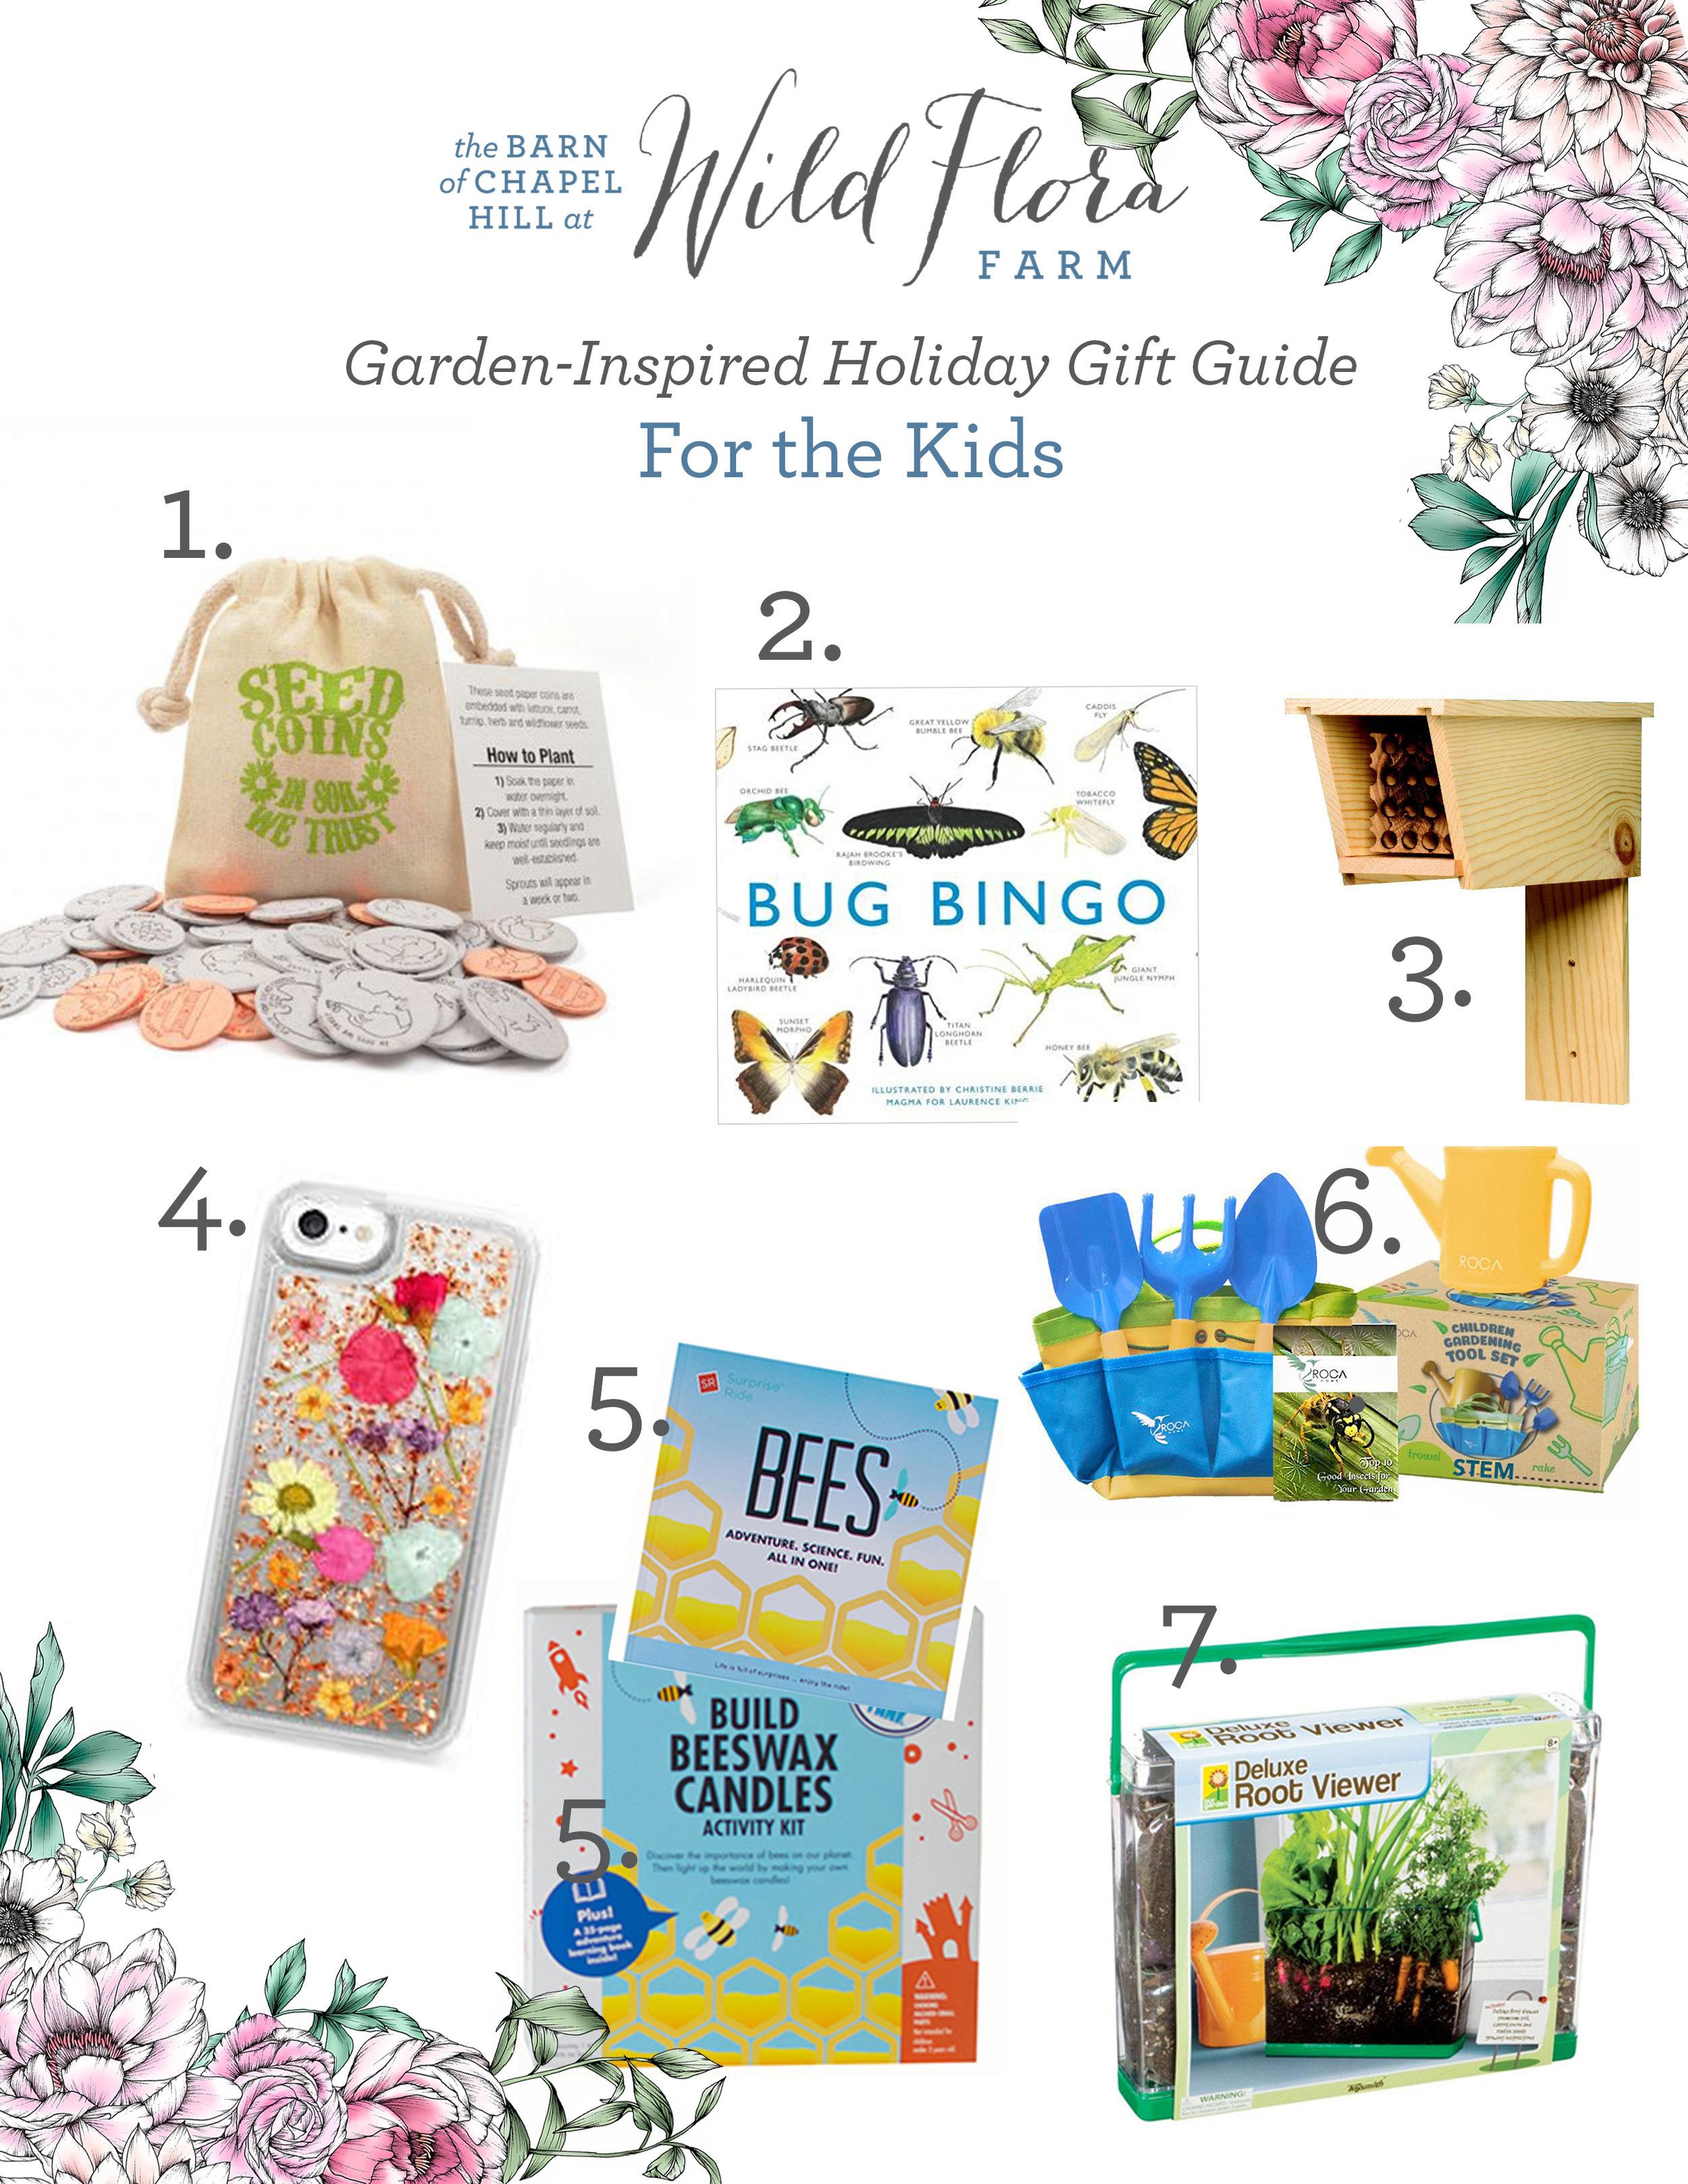 wild-flora-farm-garden-inspired-gift-guide-for-kids.jpg